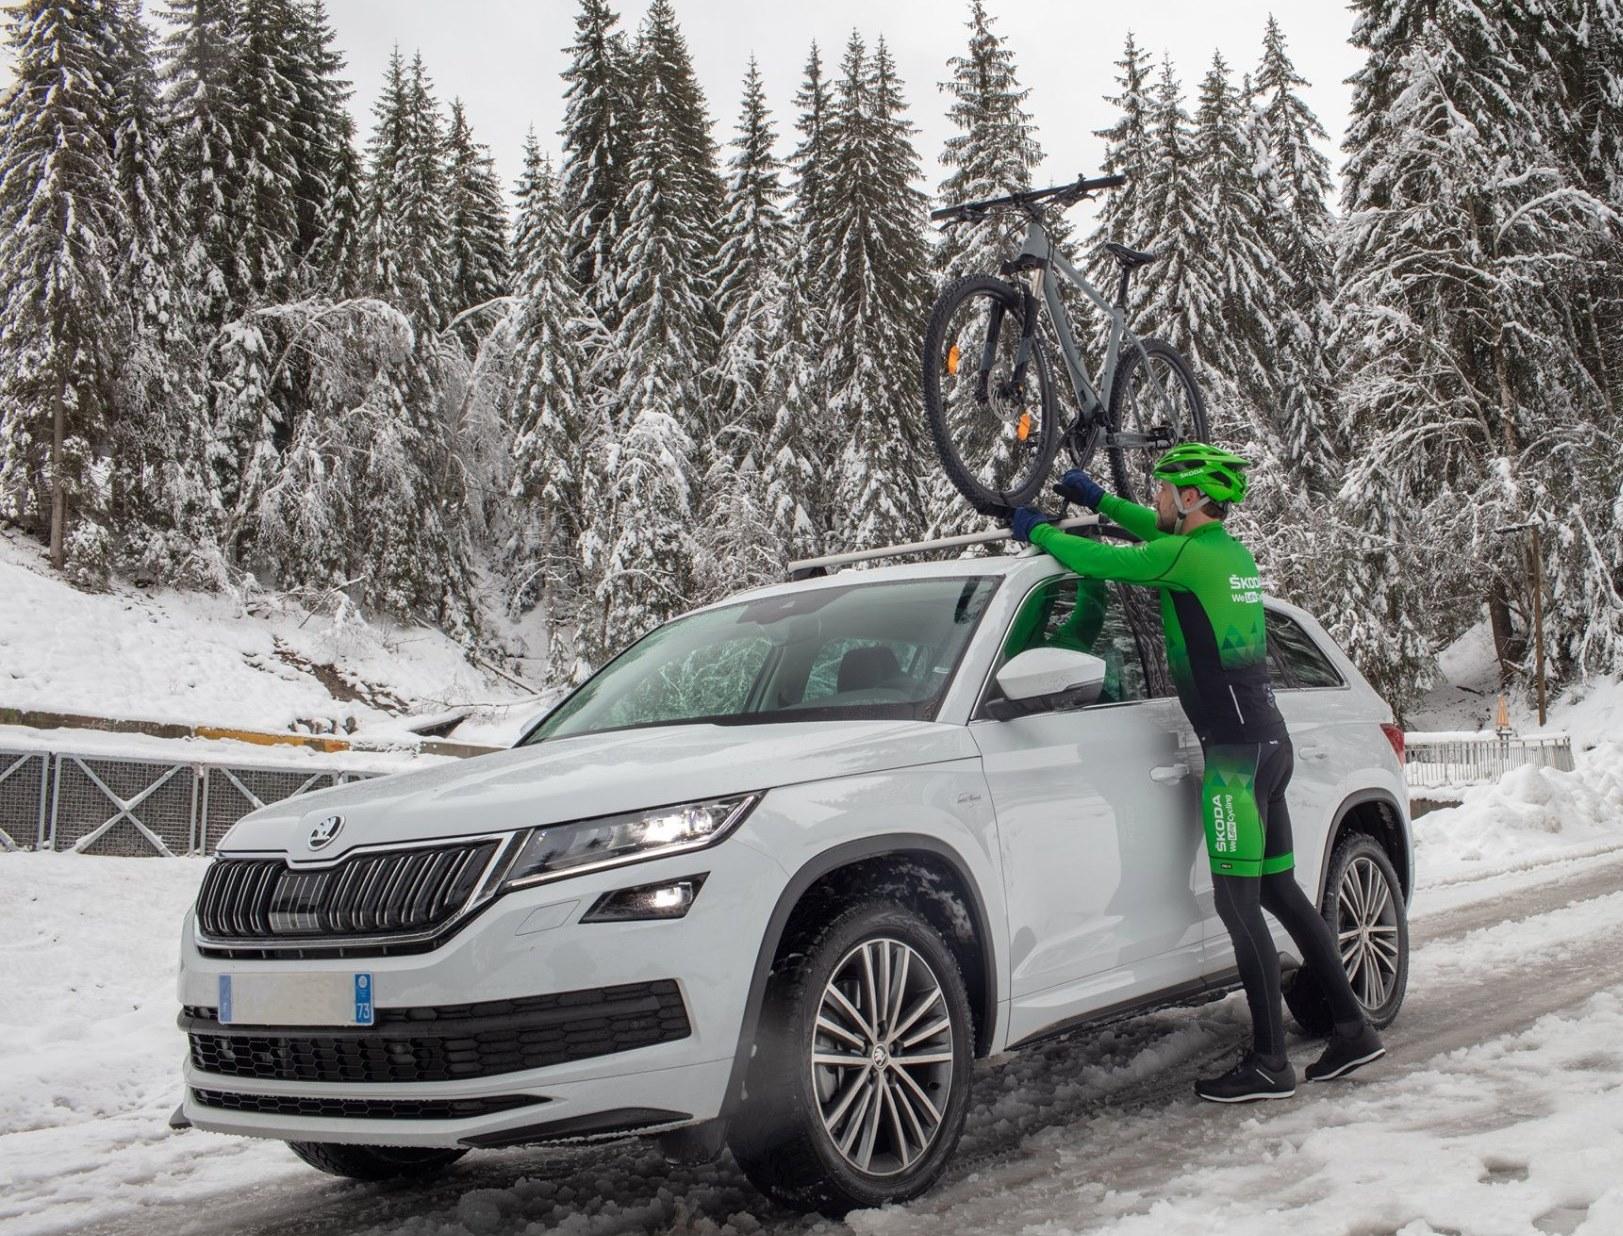 Entraînement cycliste hivernal – Plan de course fractionné